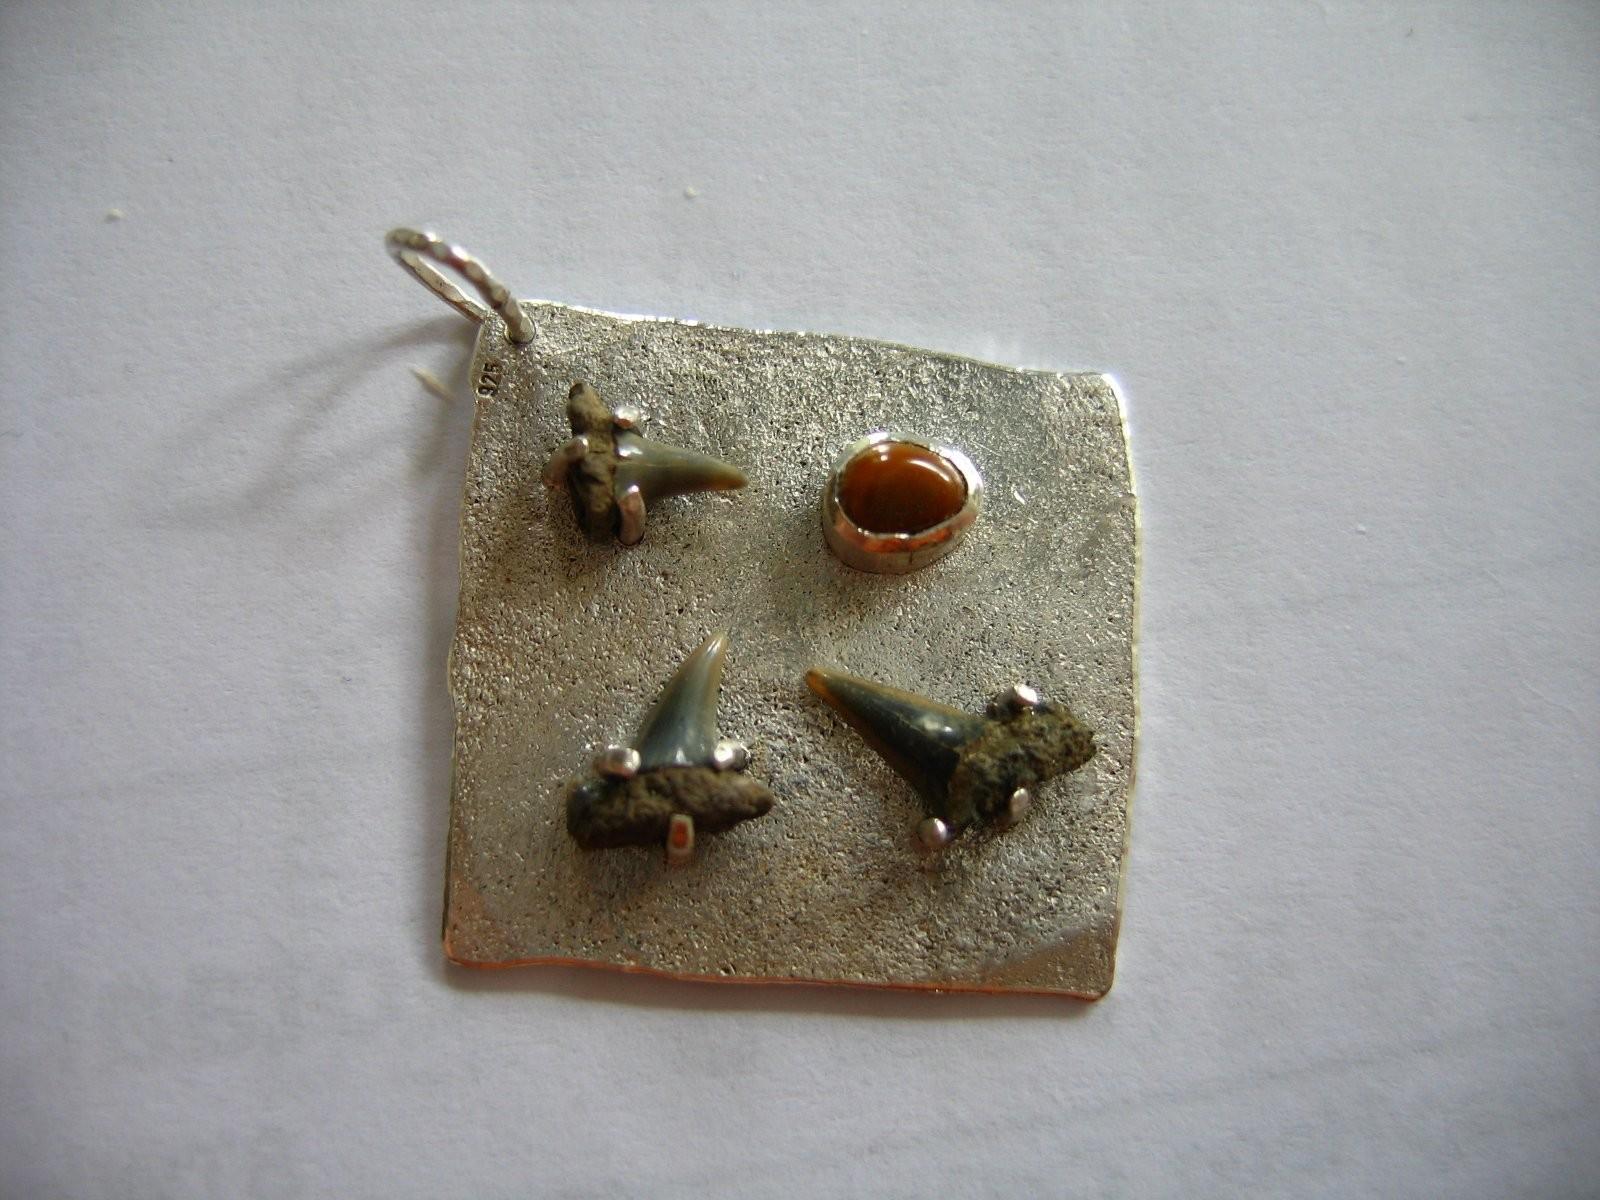 zilver met 3 haaietanden en een roggetandje - 2009